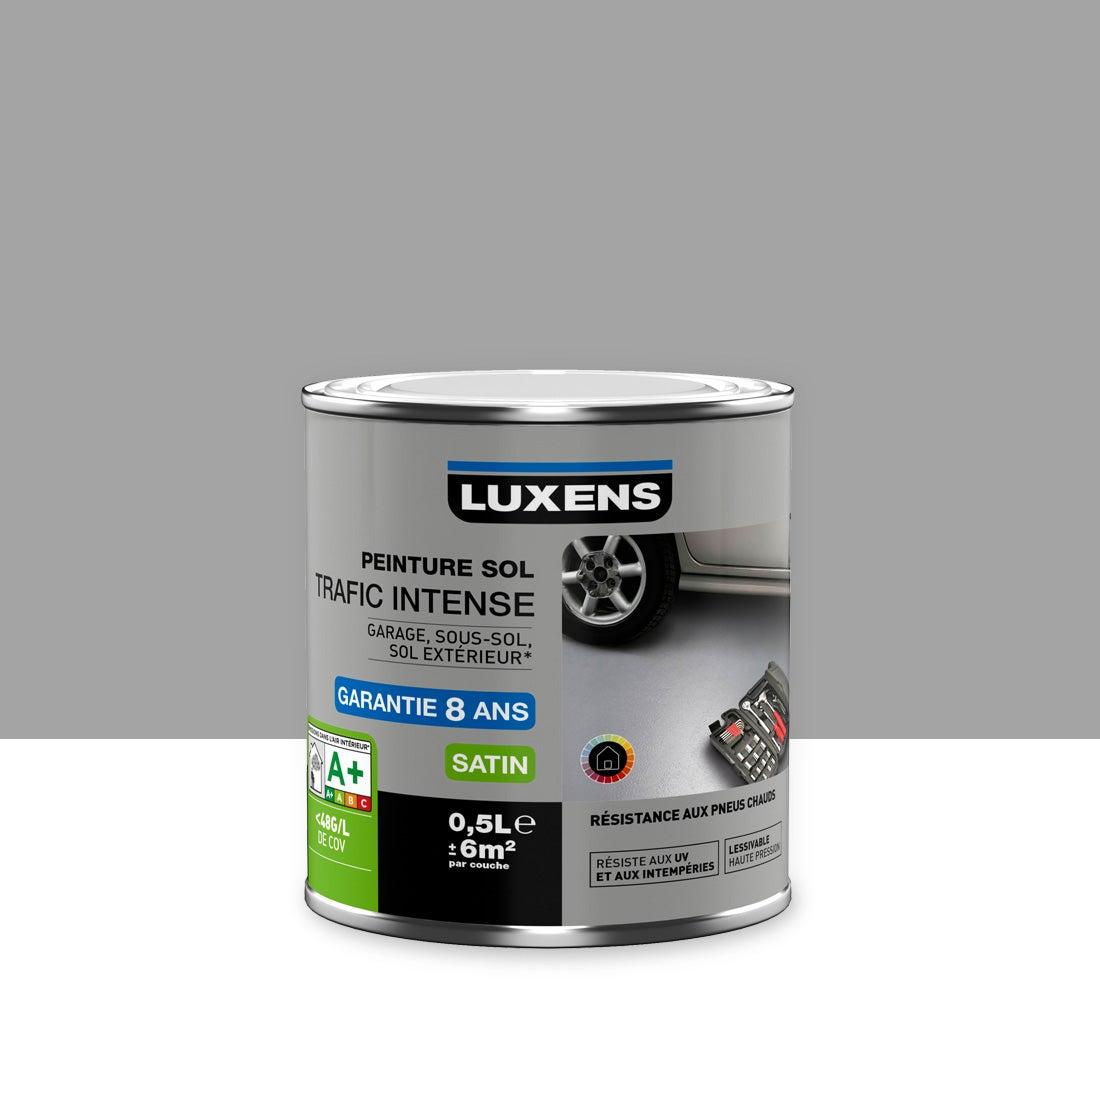 Peinture sol extérieur / intérieur Trafic intense LUXENS, gris galet n°9,  9.9 l